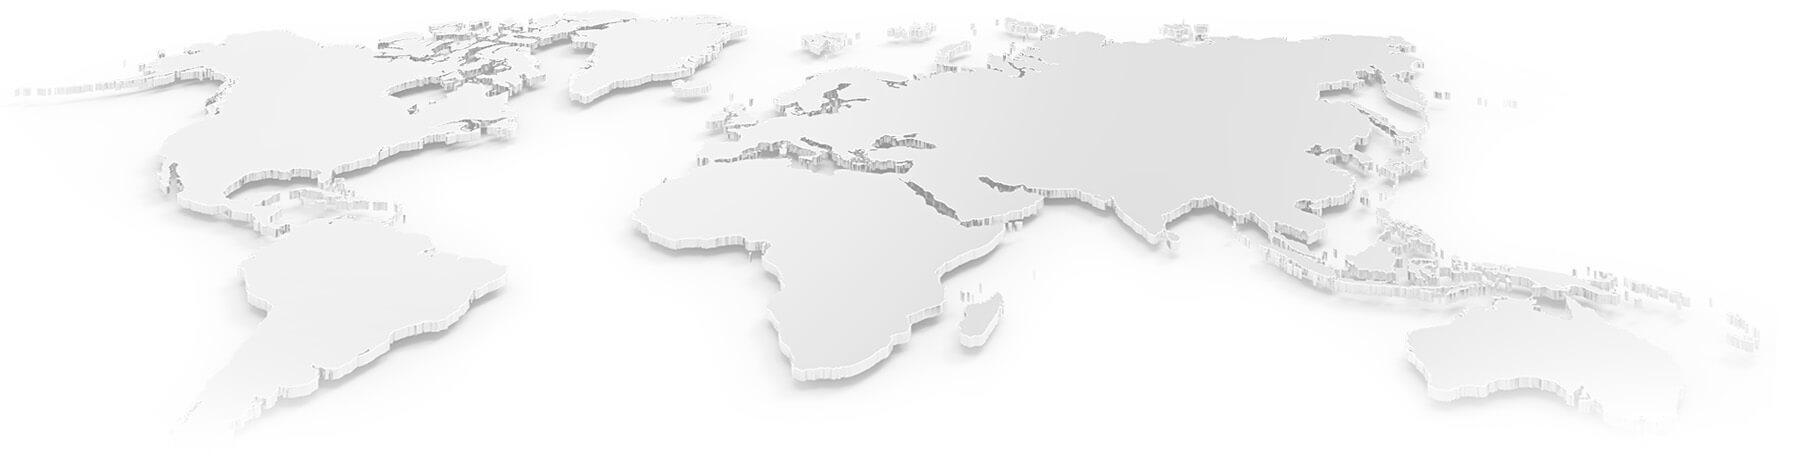 mapa de clientes DEA